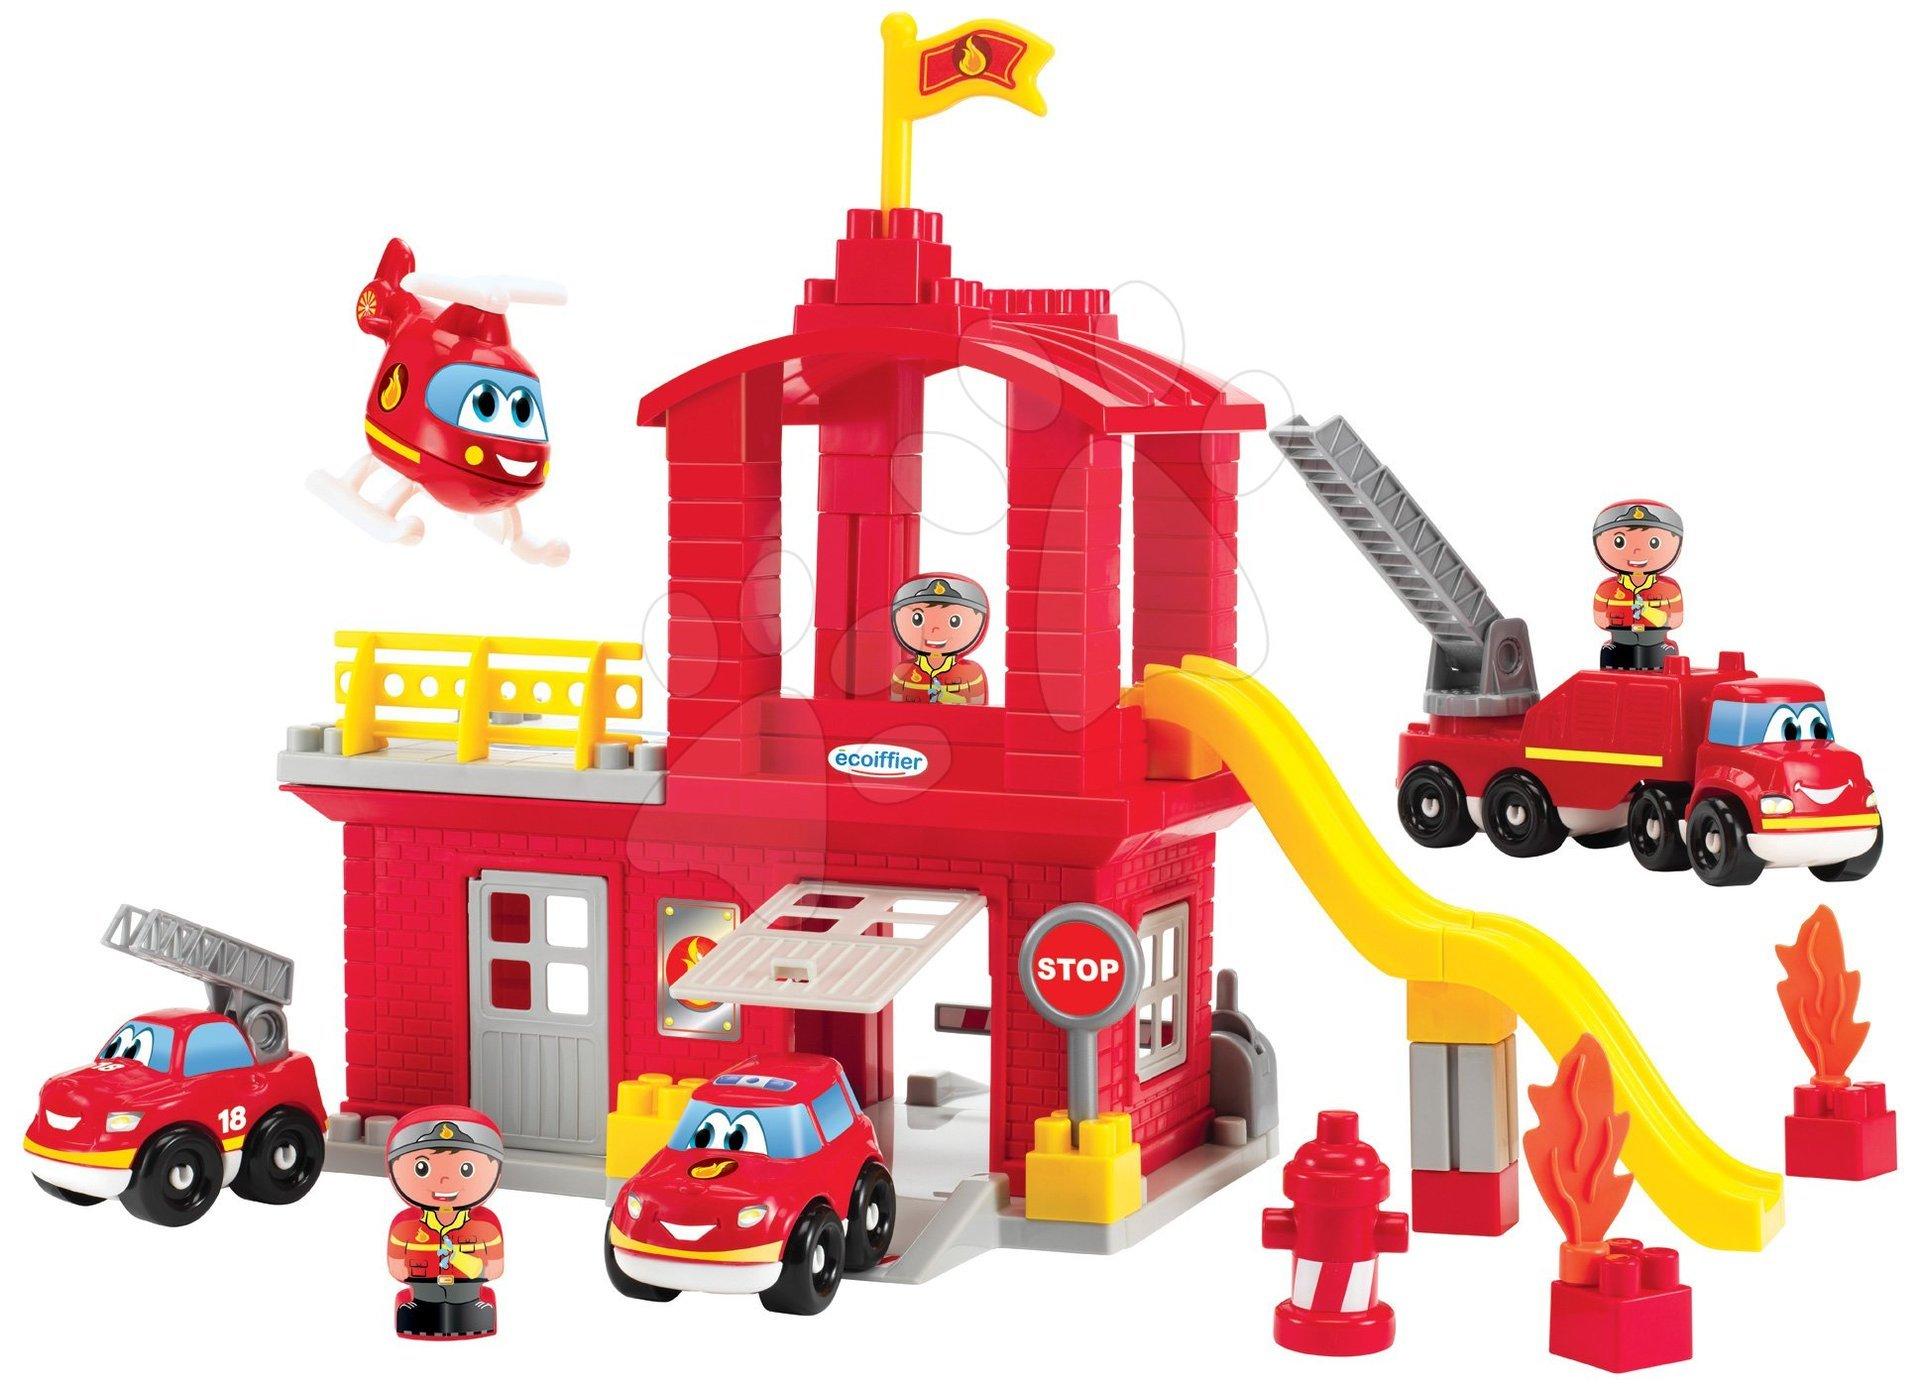 Építőjáték tűzoltók csúszdával Abrick Écoiffier és emeletes garázzsal, 3 autóval és 3 tűzoltóval 18 hó-tól